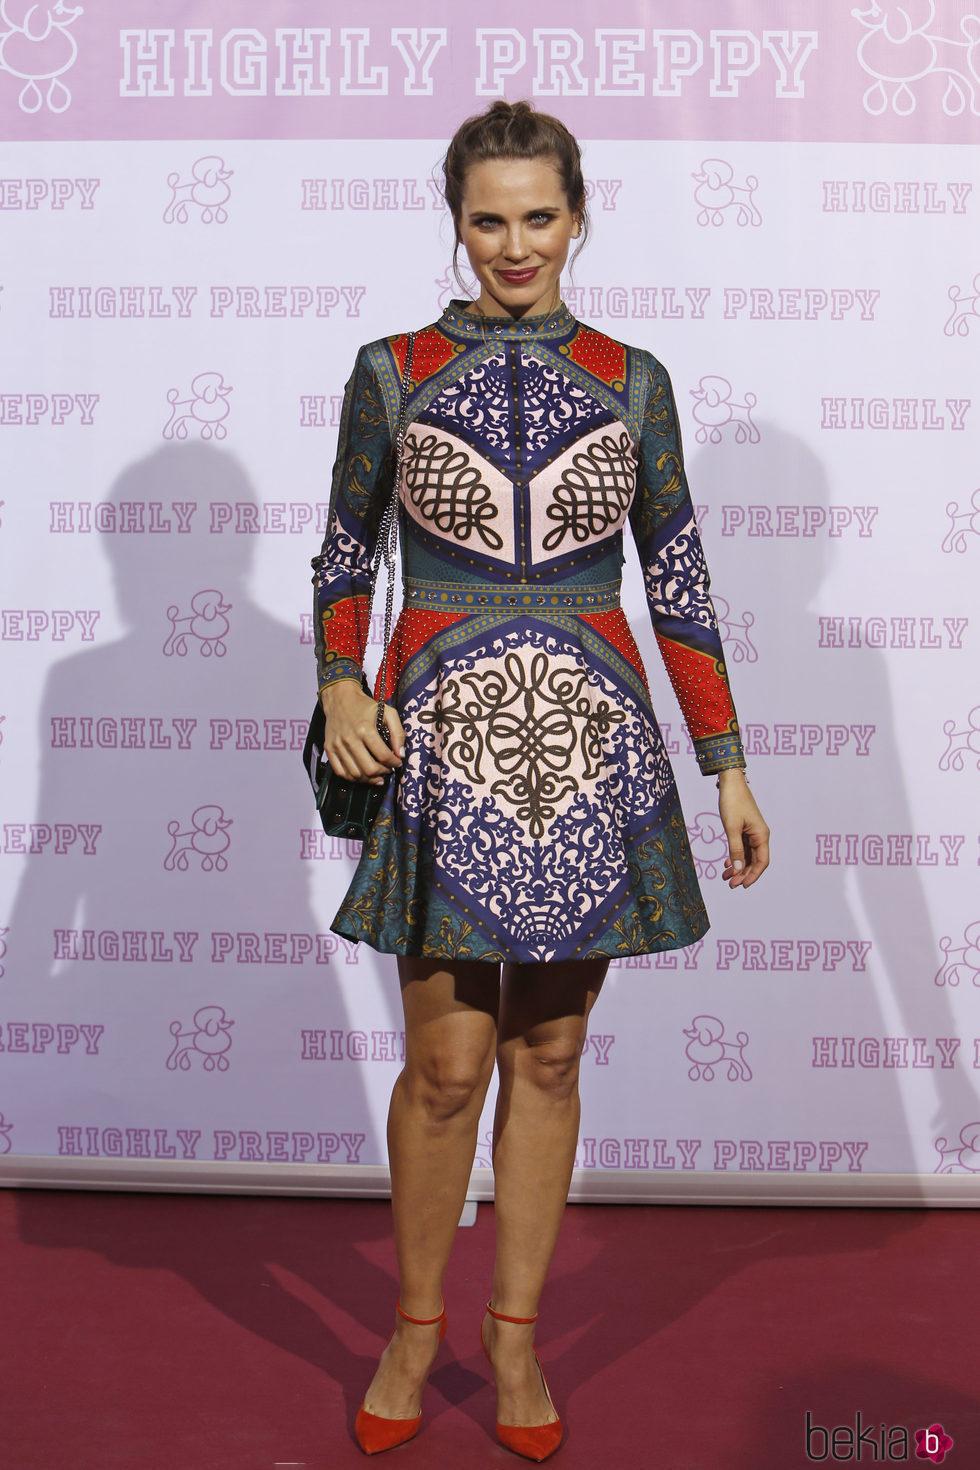 Vanesa Romero en el desfile de Highly Preppy en la Madrid Fashion Week 2017